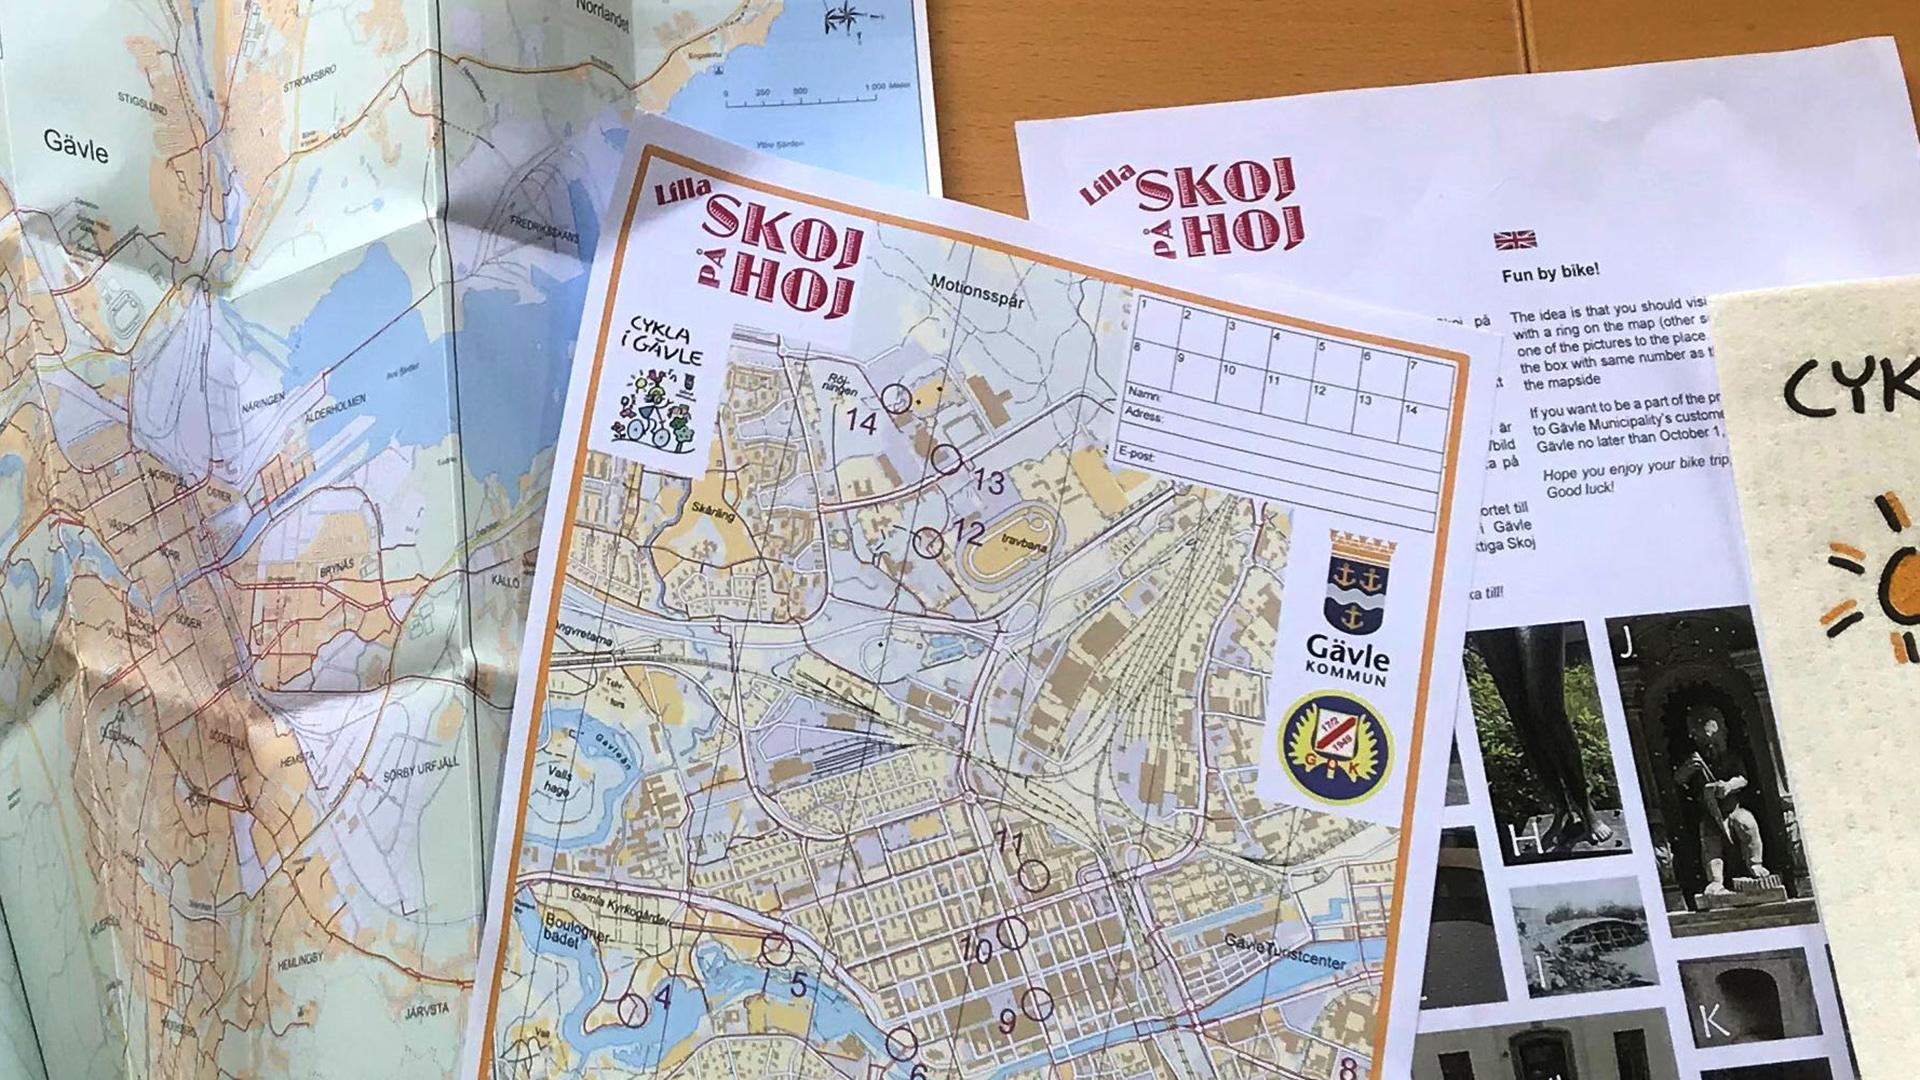 Kartor med kontrollerna i Lilla skoj på hoj